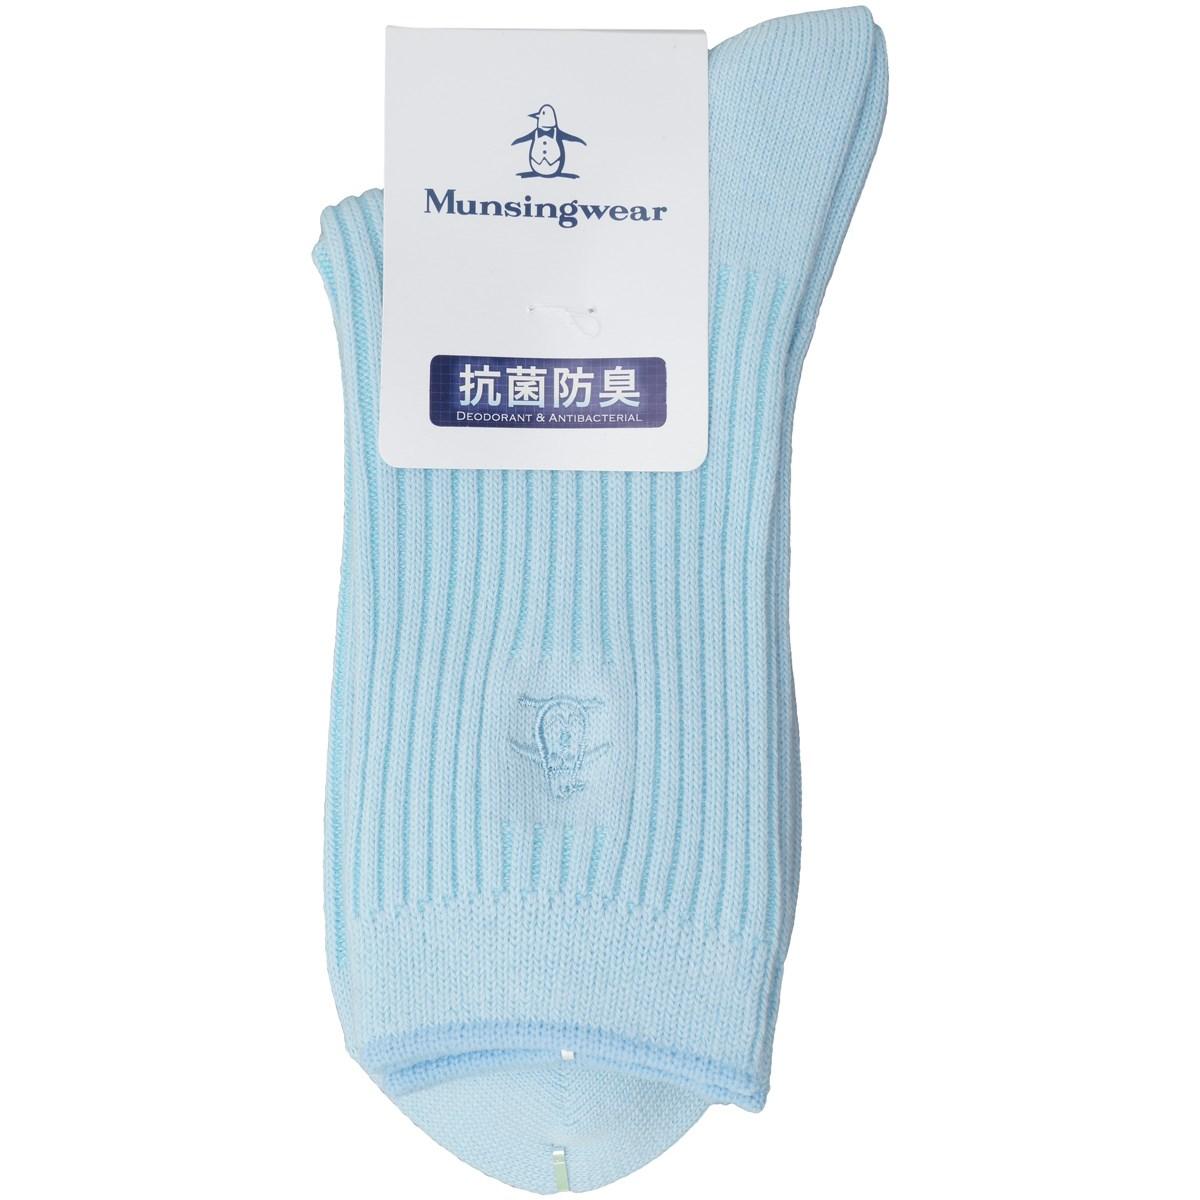 マンシングウェア Munsingwear レギュラーソックス フリー サックス B784 レディス